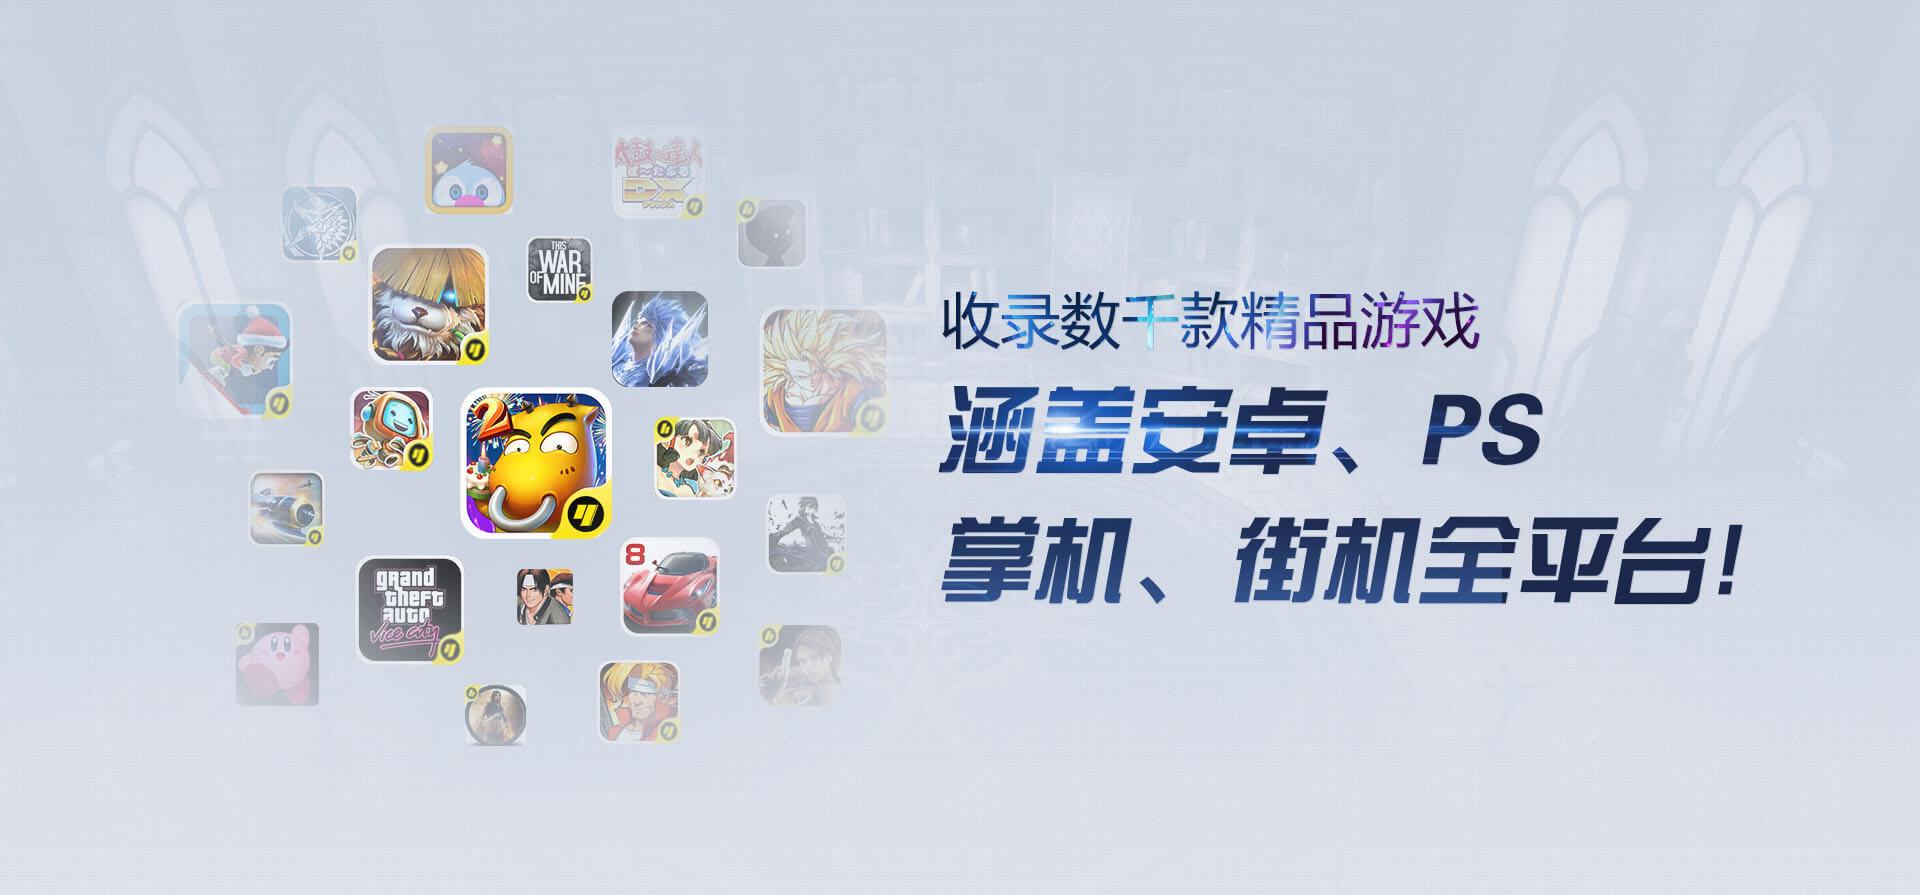 收录数千款精品游戏,涵盖安卓 PS 掌机 街机全平台